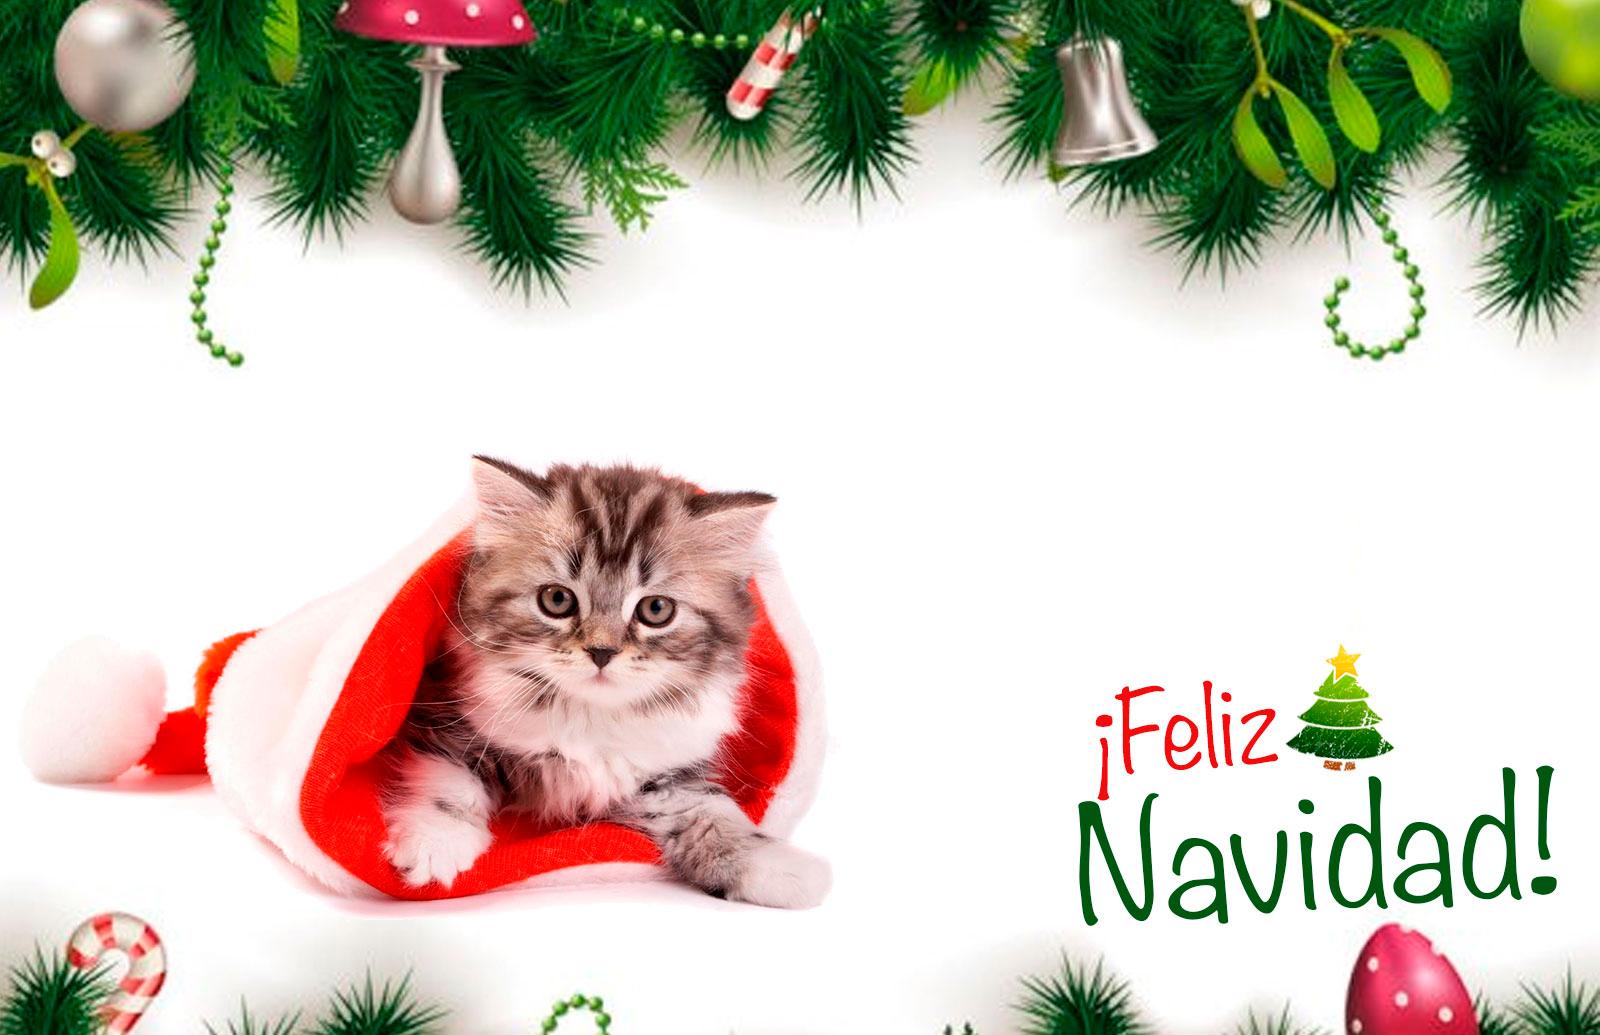 Colecci n de tarjetas de navidad de perros y gatos - Dibujos de postales de navidad ...